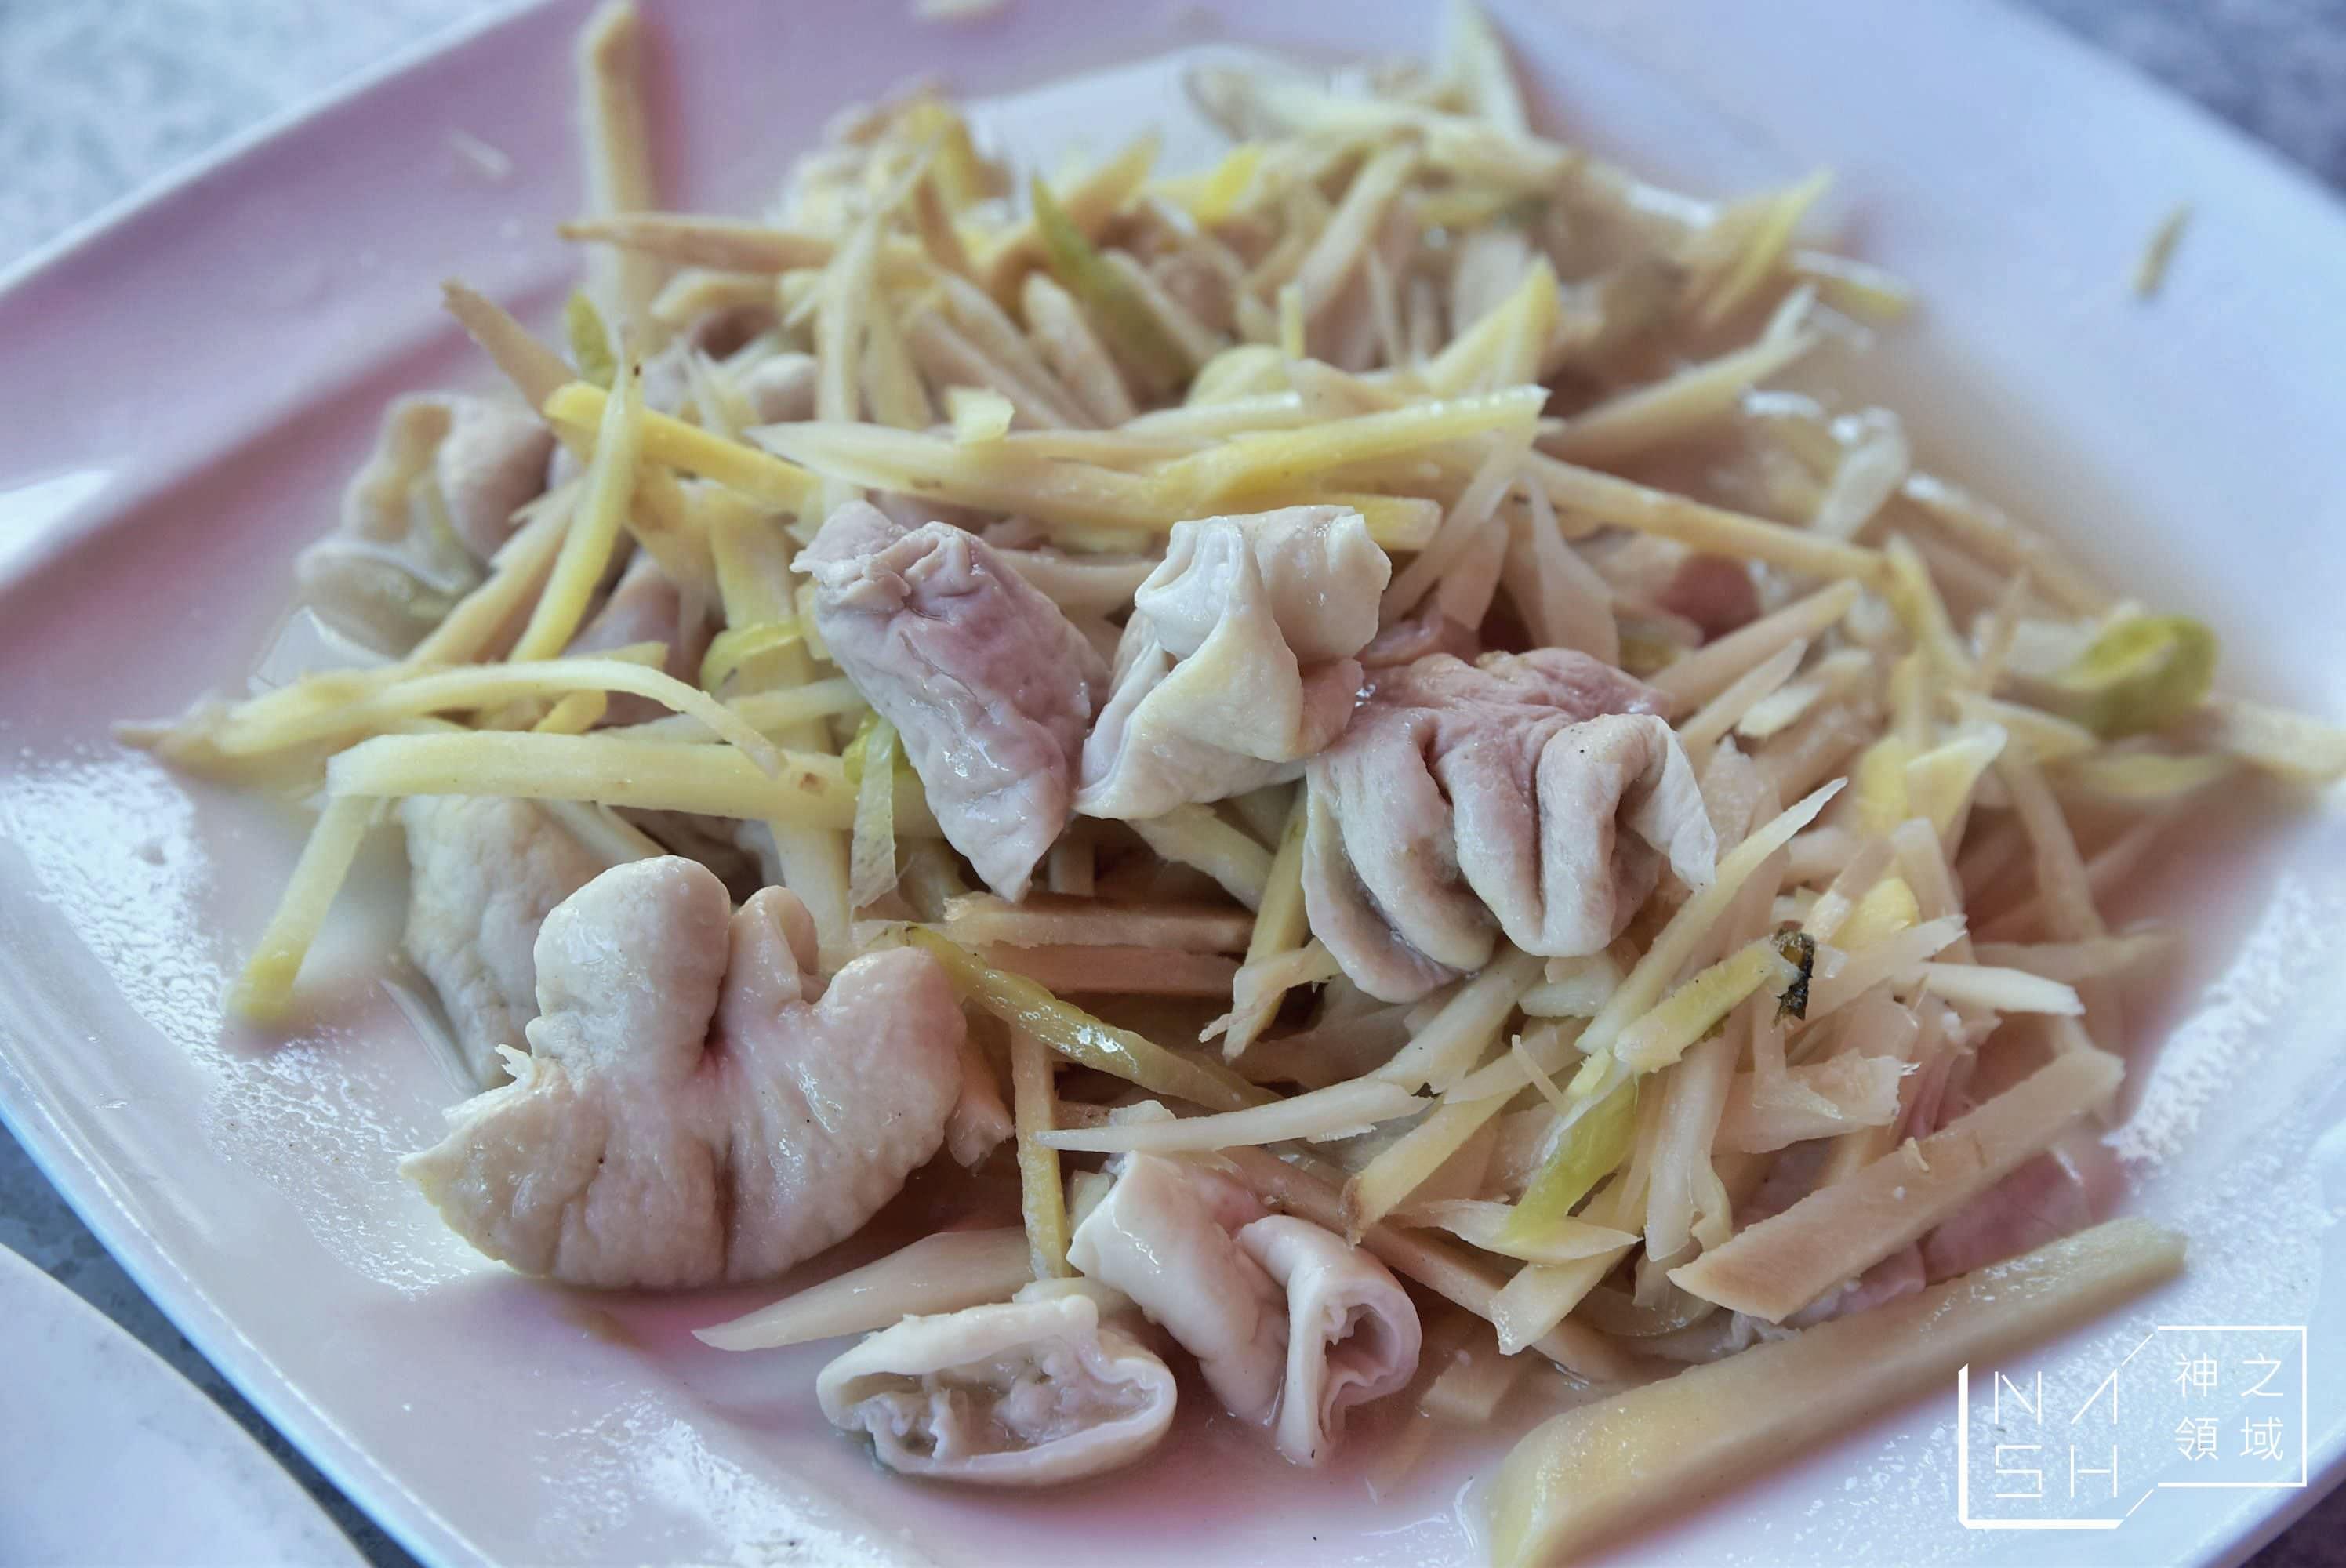 霖記甕缸雞,霖記甕缸雞烏日店,台中烏日美食推薦